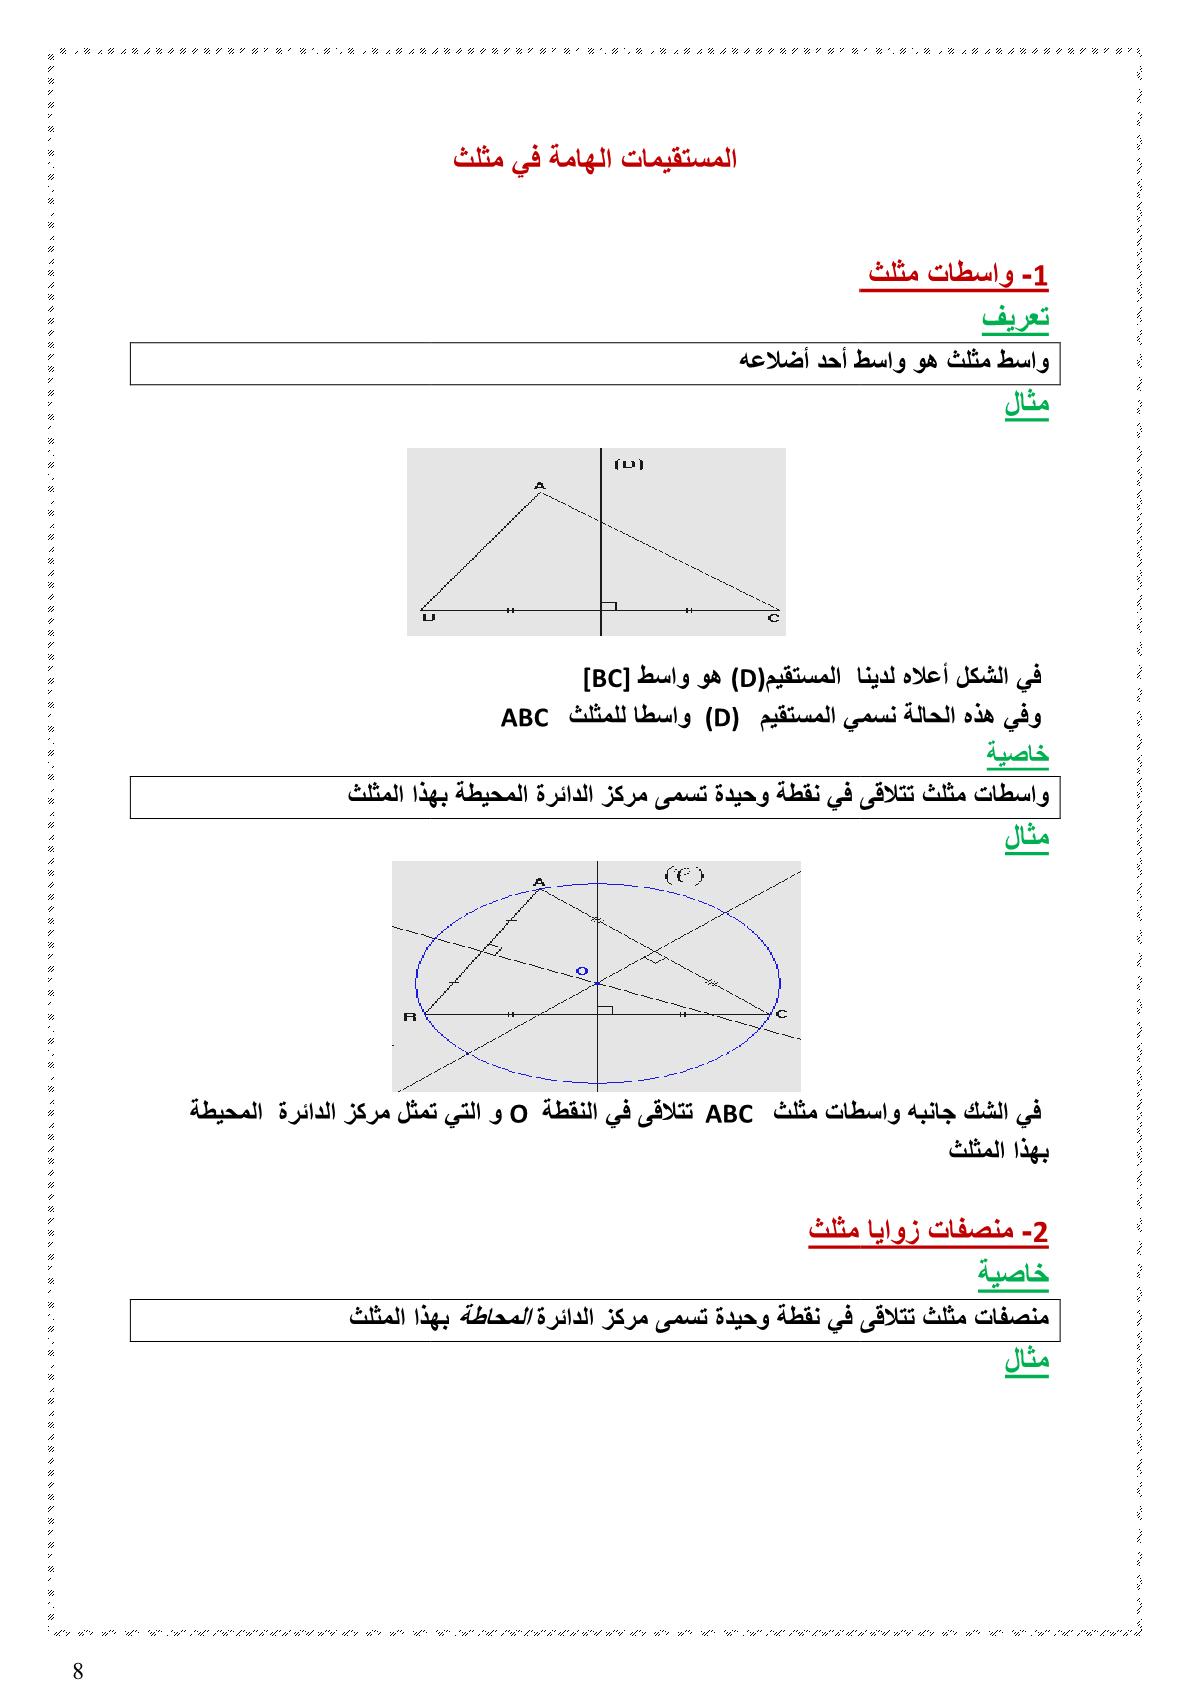 درس المستقيمات الھامة في مثلث مادة الرياضيات للسنة الثانية اعدادي